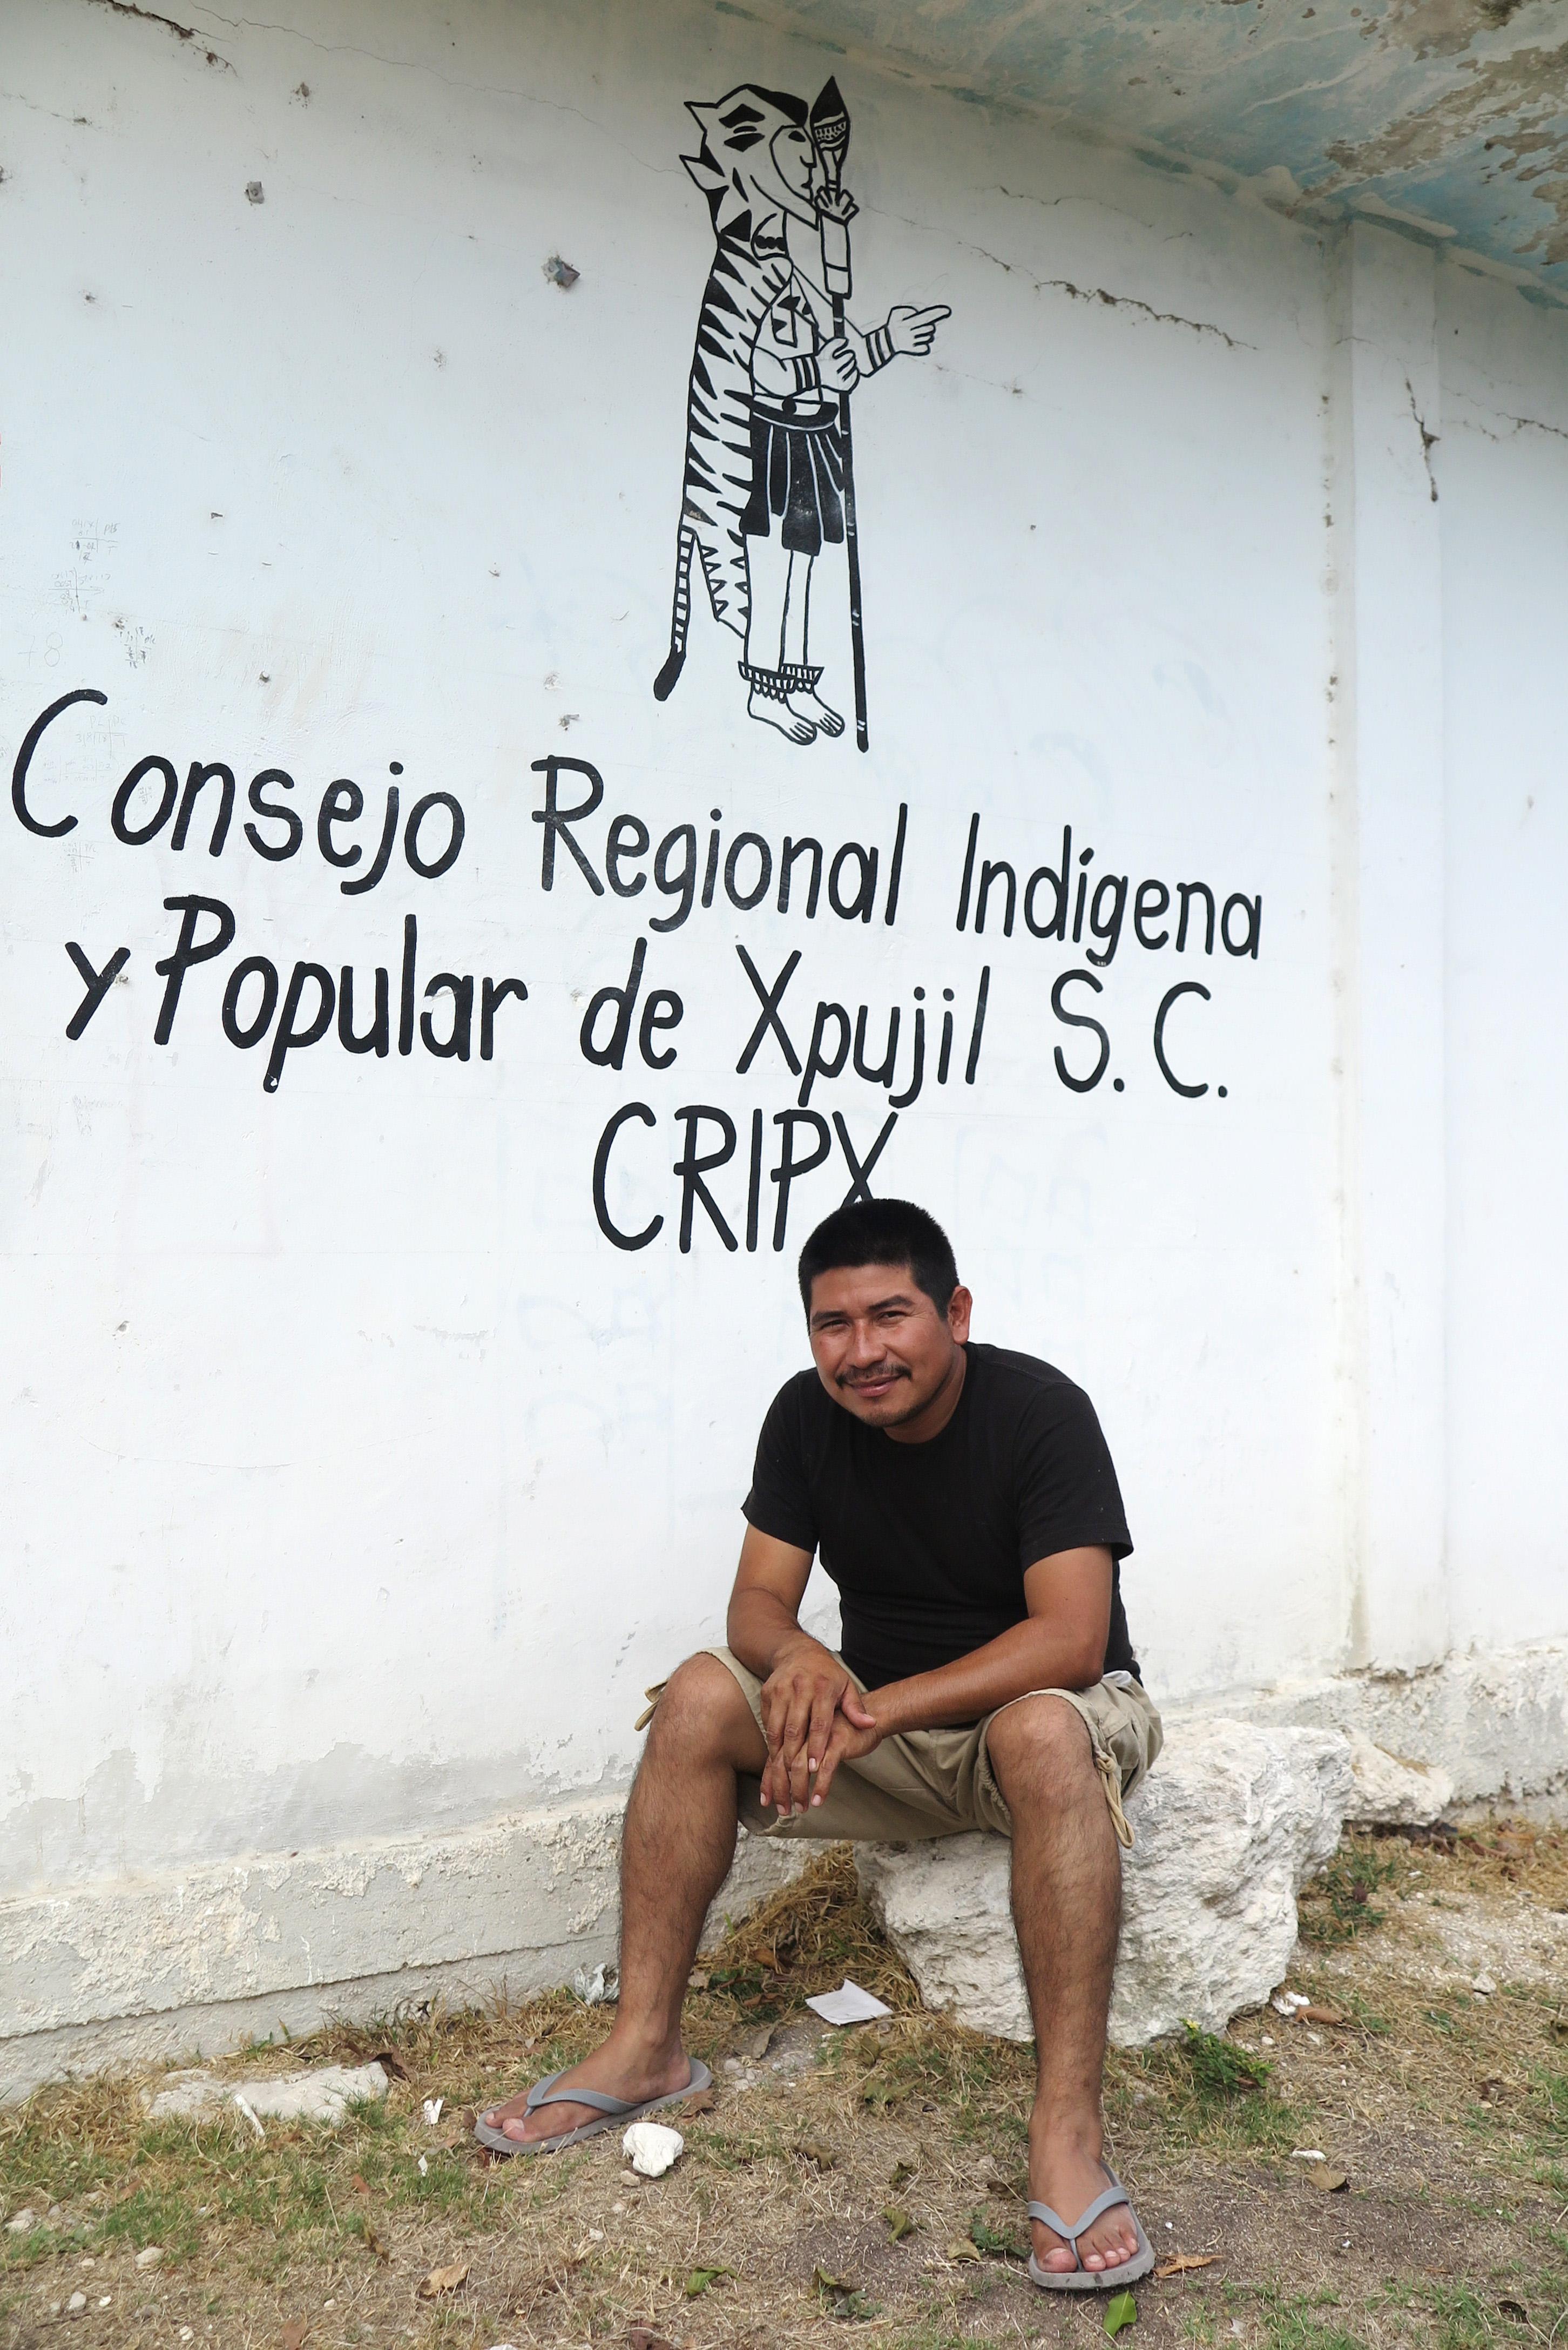 Lamentan indígenas que no consideren su medicina para paliar crisis sanitaria